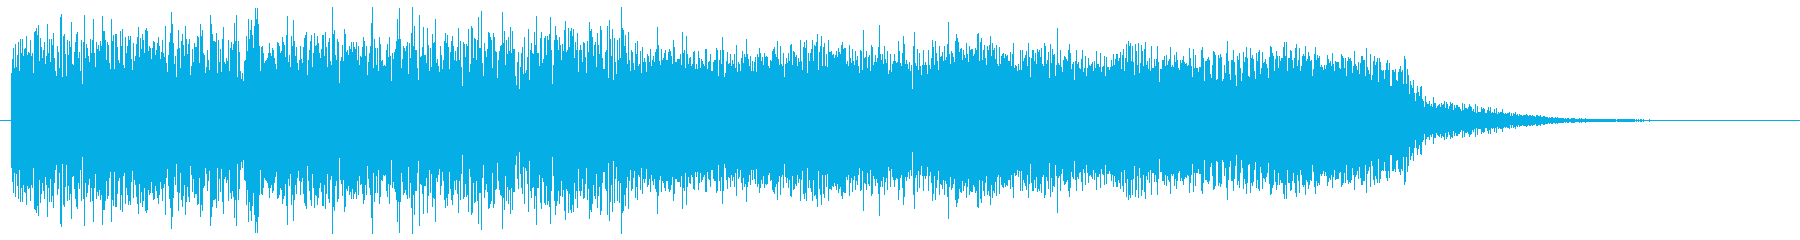 クールなジャーマンメタル風ギターフレーズの再生済みの波形